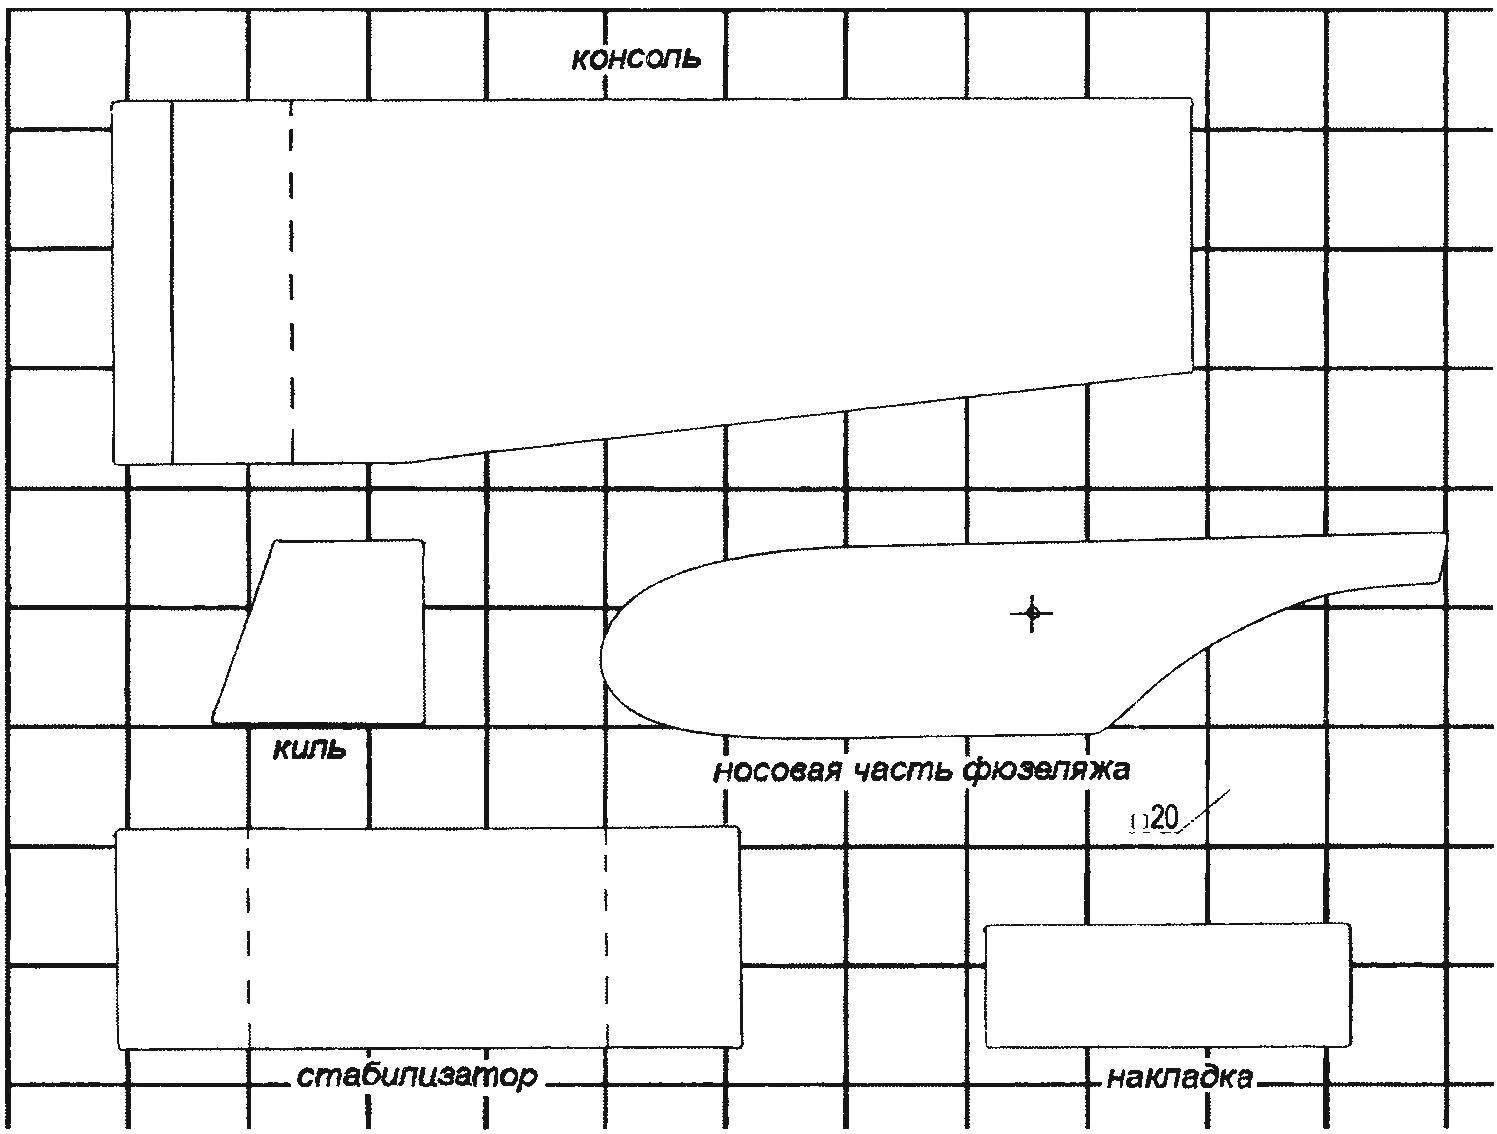 Контуры основных элементов модели